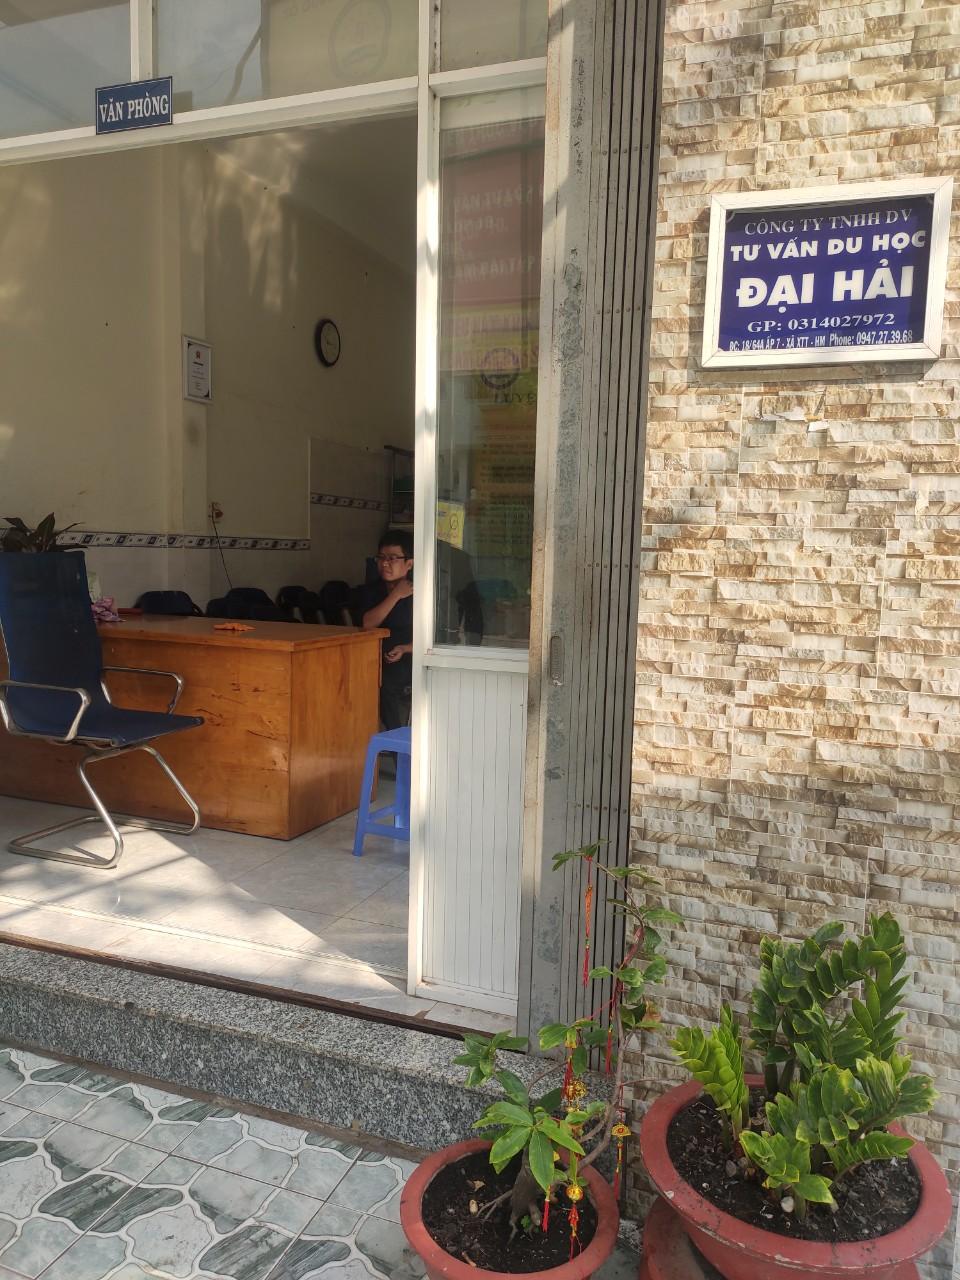 Bán căn nhà tại ấp 7, xã Xuân Thới Thượng, huyện Hóc Môn